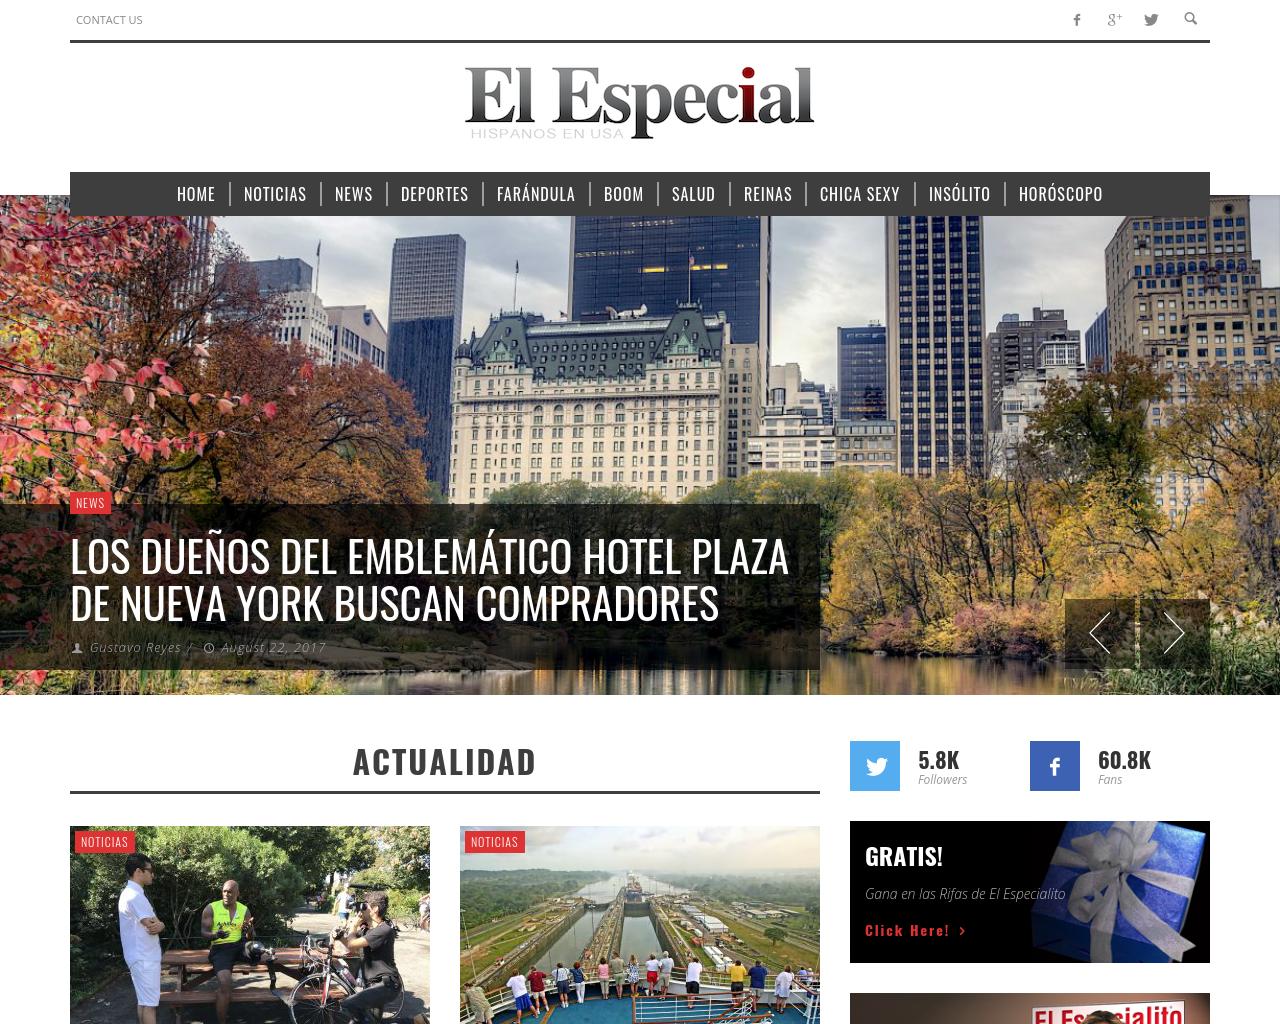 El-Especial-Advertising-Reviews-Pricing